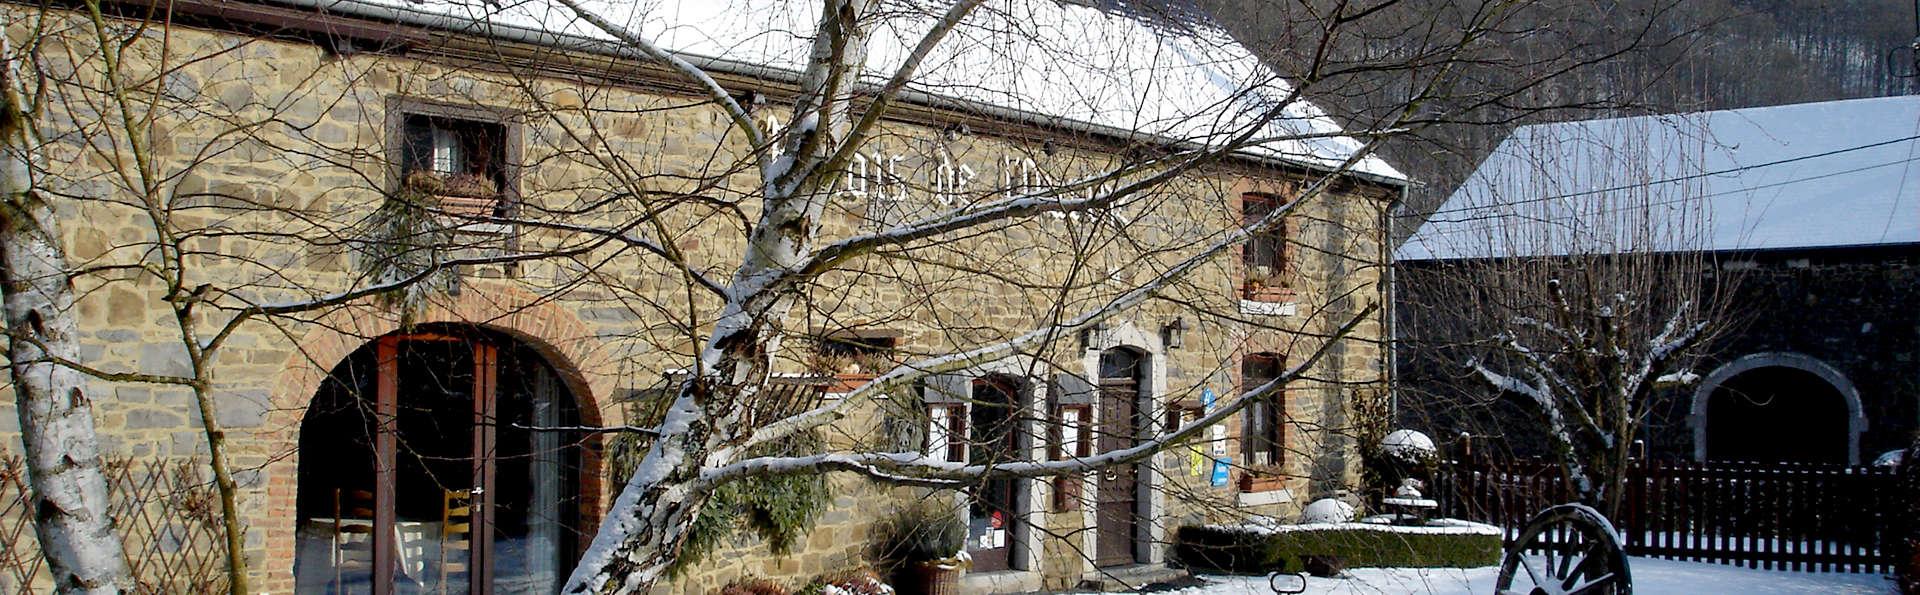 Hostellerie Relais de l'Ourthe - Edit_Front3.jpg